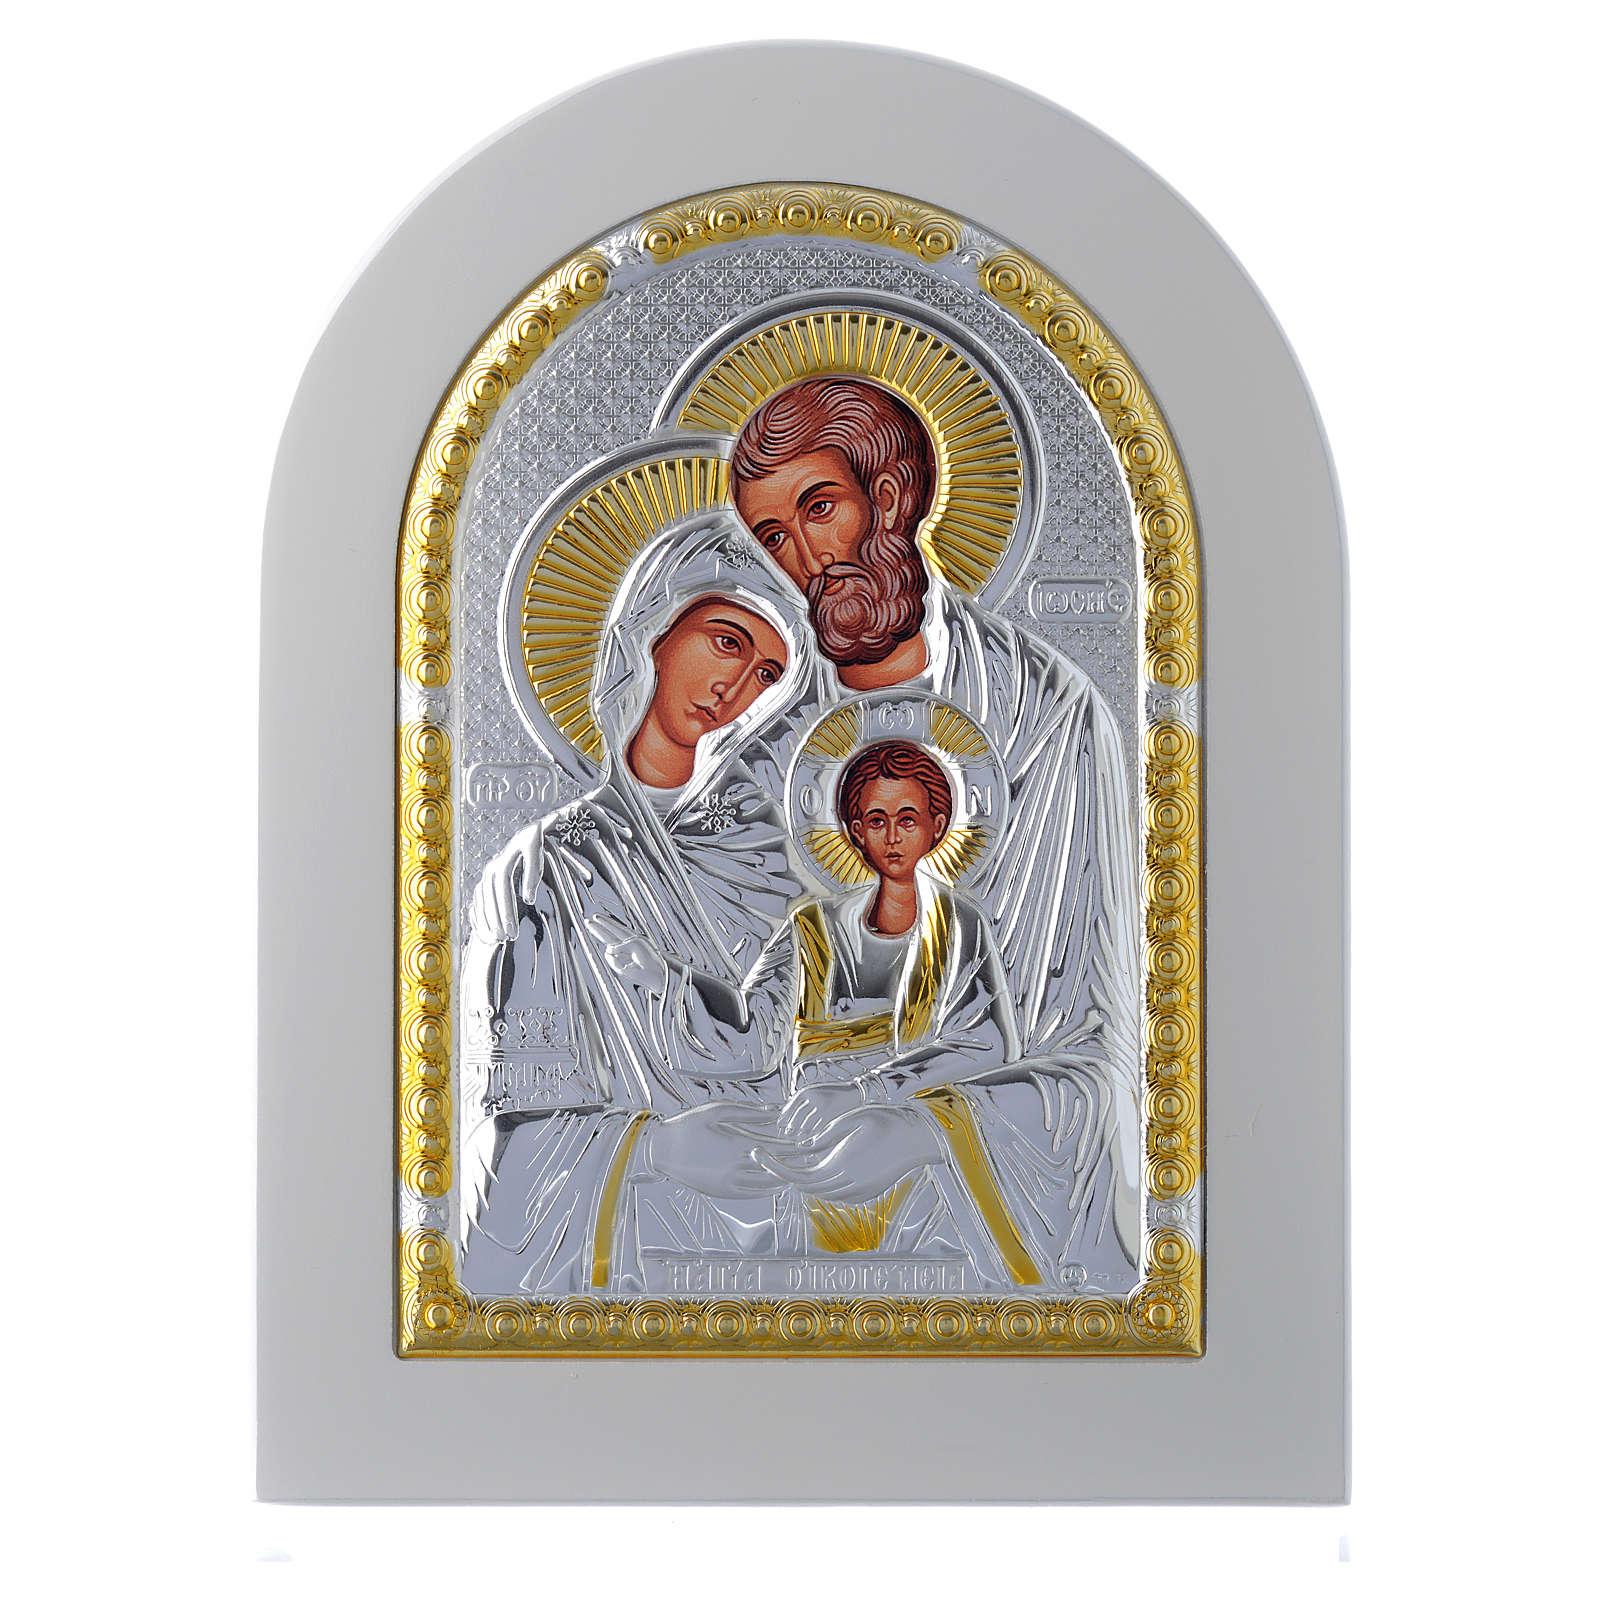 Icono Sagrada Familia 18x14 cm plata 925 detalles dorados 4